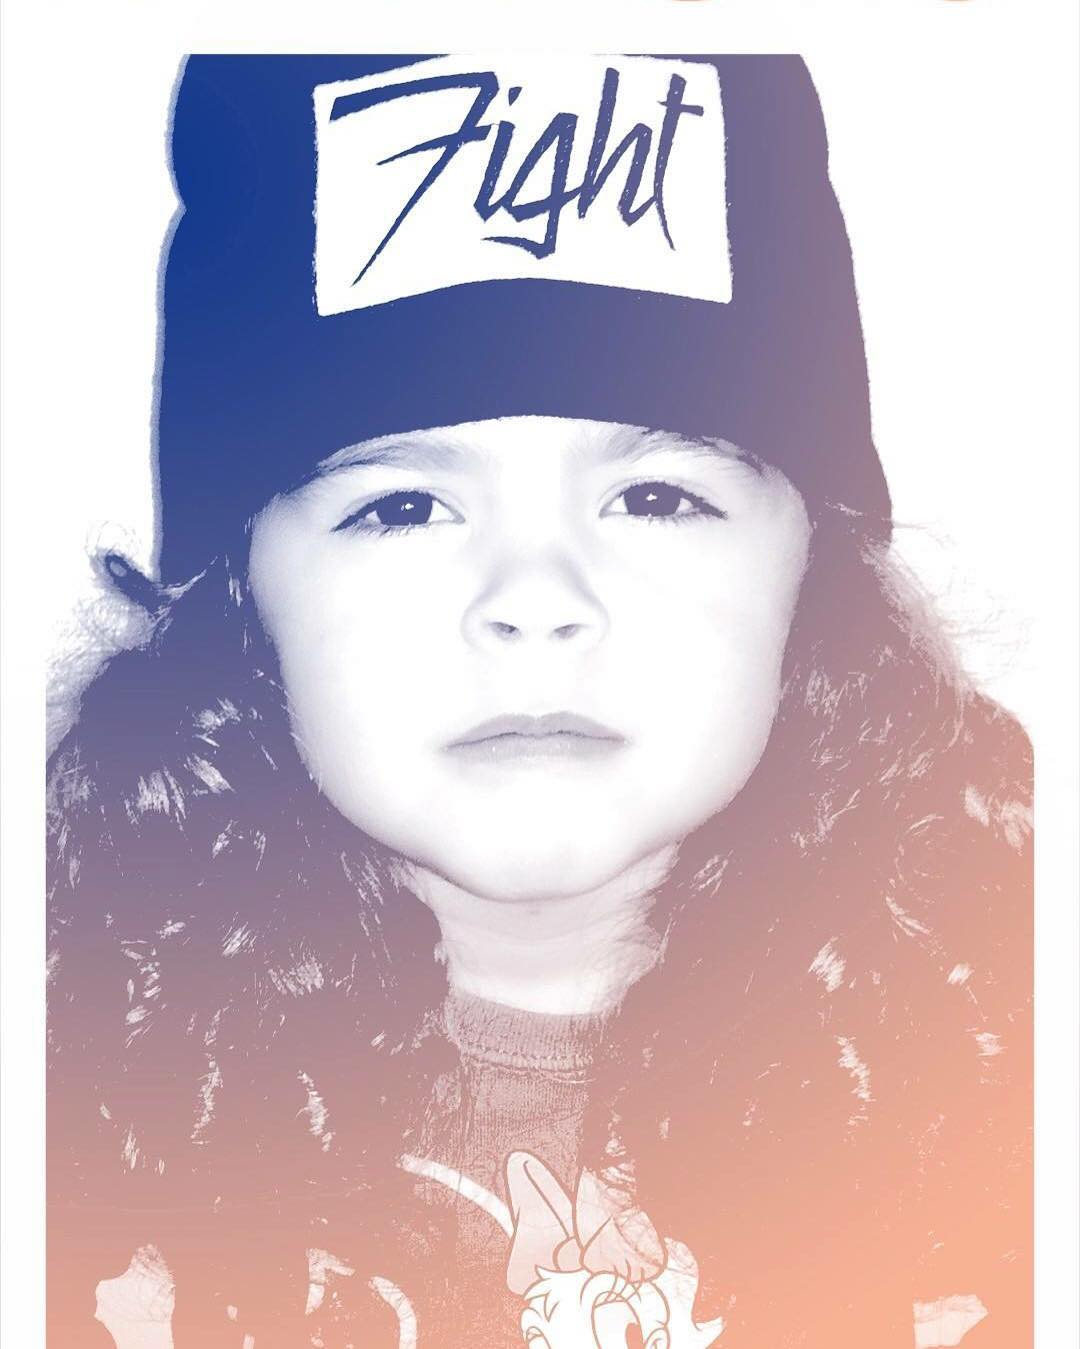 La más hermosa Nomi nos mandó su foto @fightforyourrightok ! #actitudfight